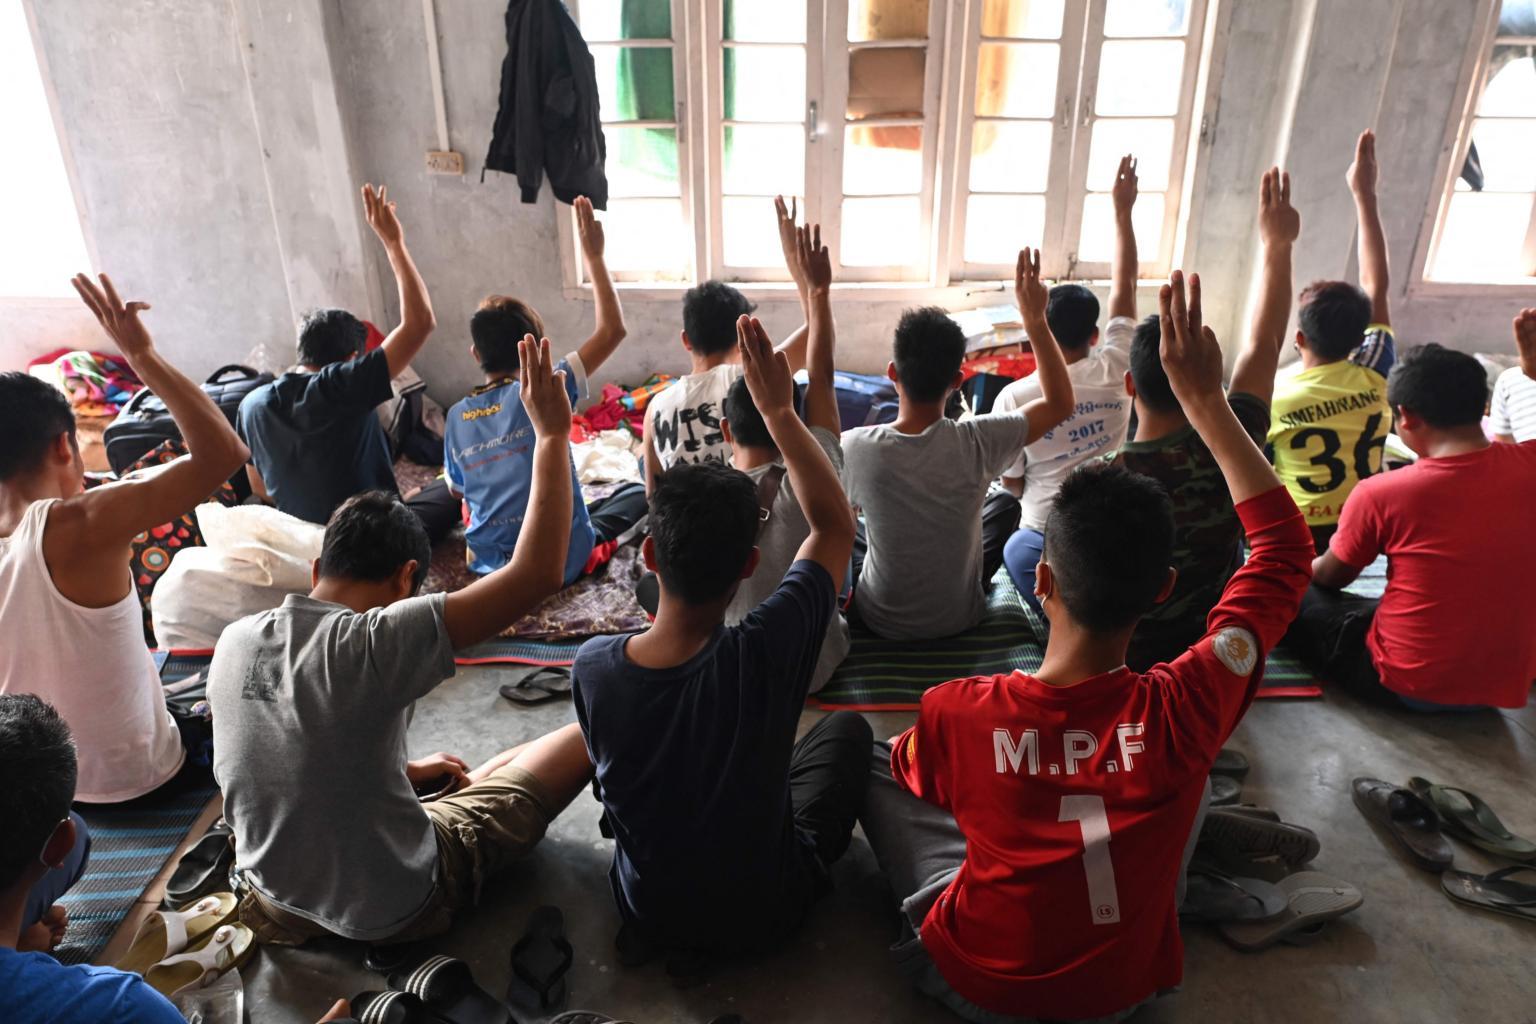 အိန္ဒိယဘက်နယ်စပ်ဖြတ်ကျော်ခိုလှုံလာတဲ့ မြန်မာနိုင်ငံသား ၄၀၀ကျော်အနက် အများစုက ရဲနဲ့မီးသတ်ဝန်ထမ်းတွေဖြစ်